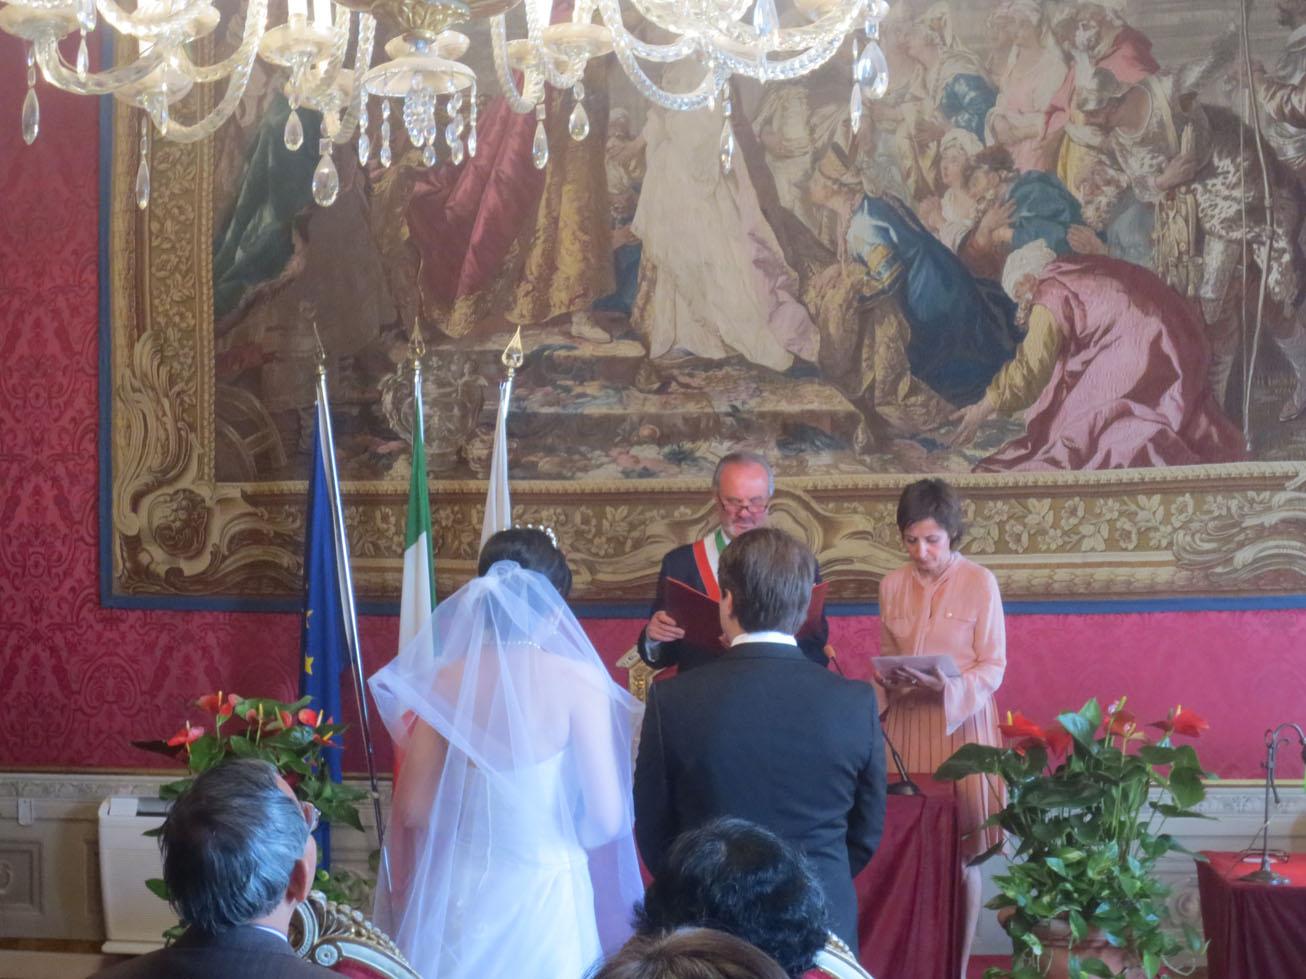 国際カップルの結婚式@FIRENZE_c0179785_16171696.jpg